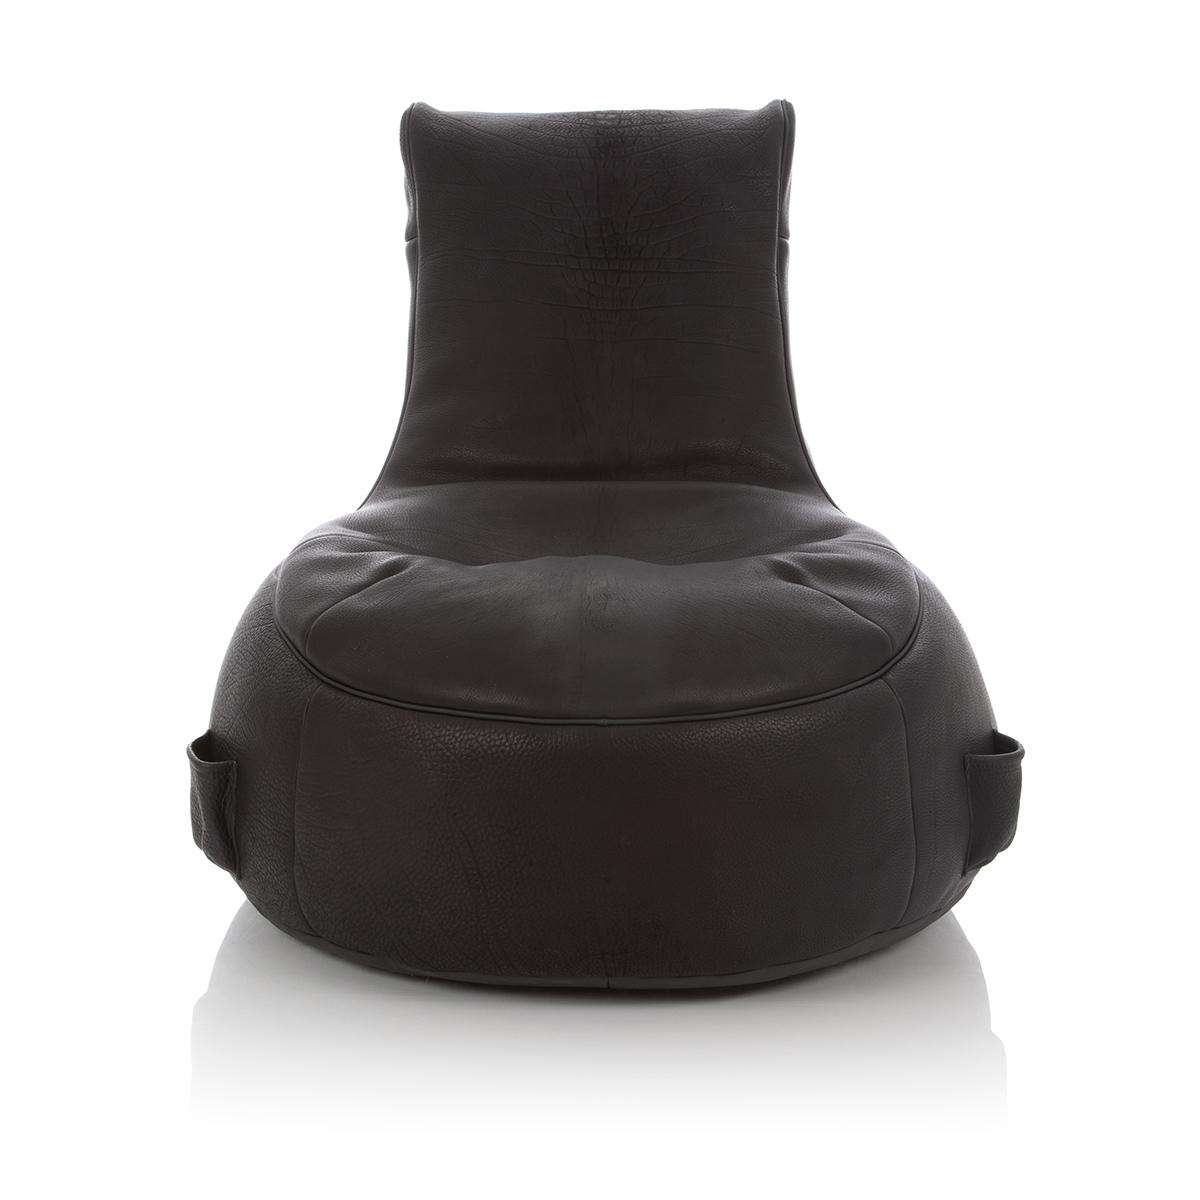 Lounge Sitzsack mit schwarzem Bezug aus Cuero Torro Leder